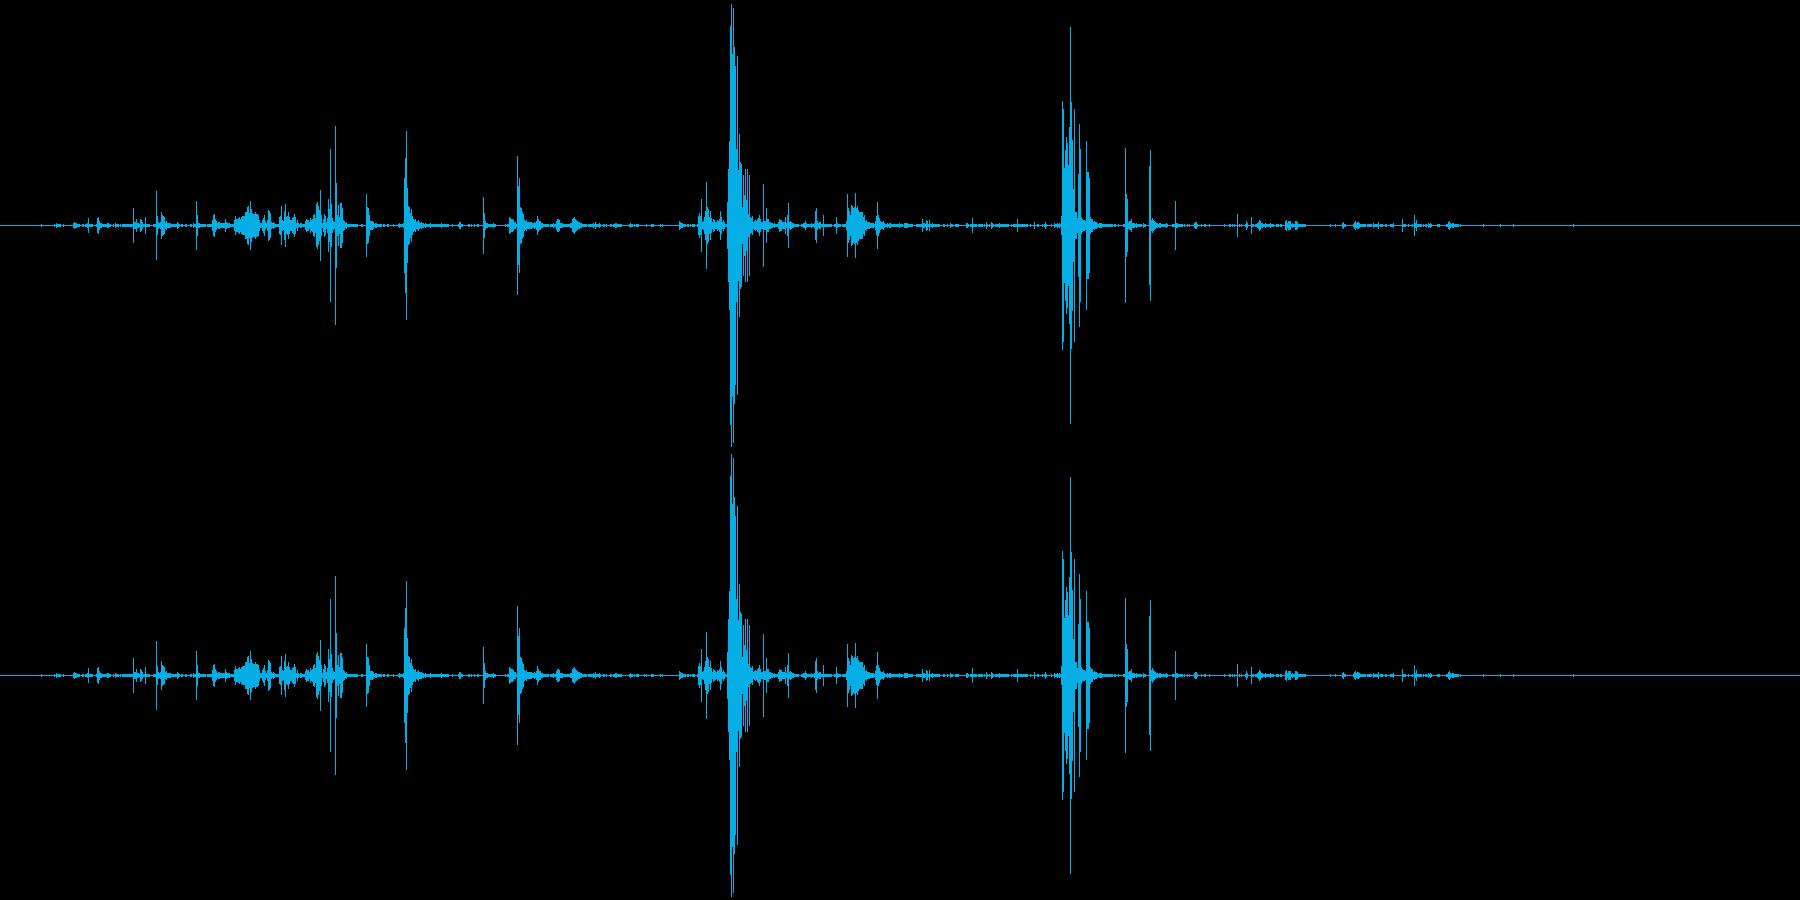 ループ・ネバネバしたものがうごめく音5の再生済みの波形